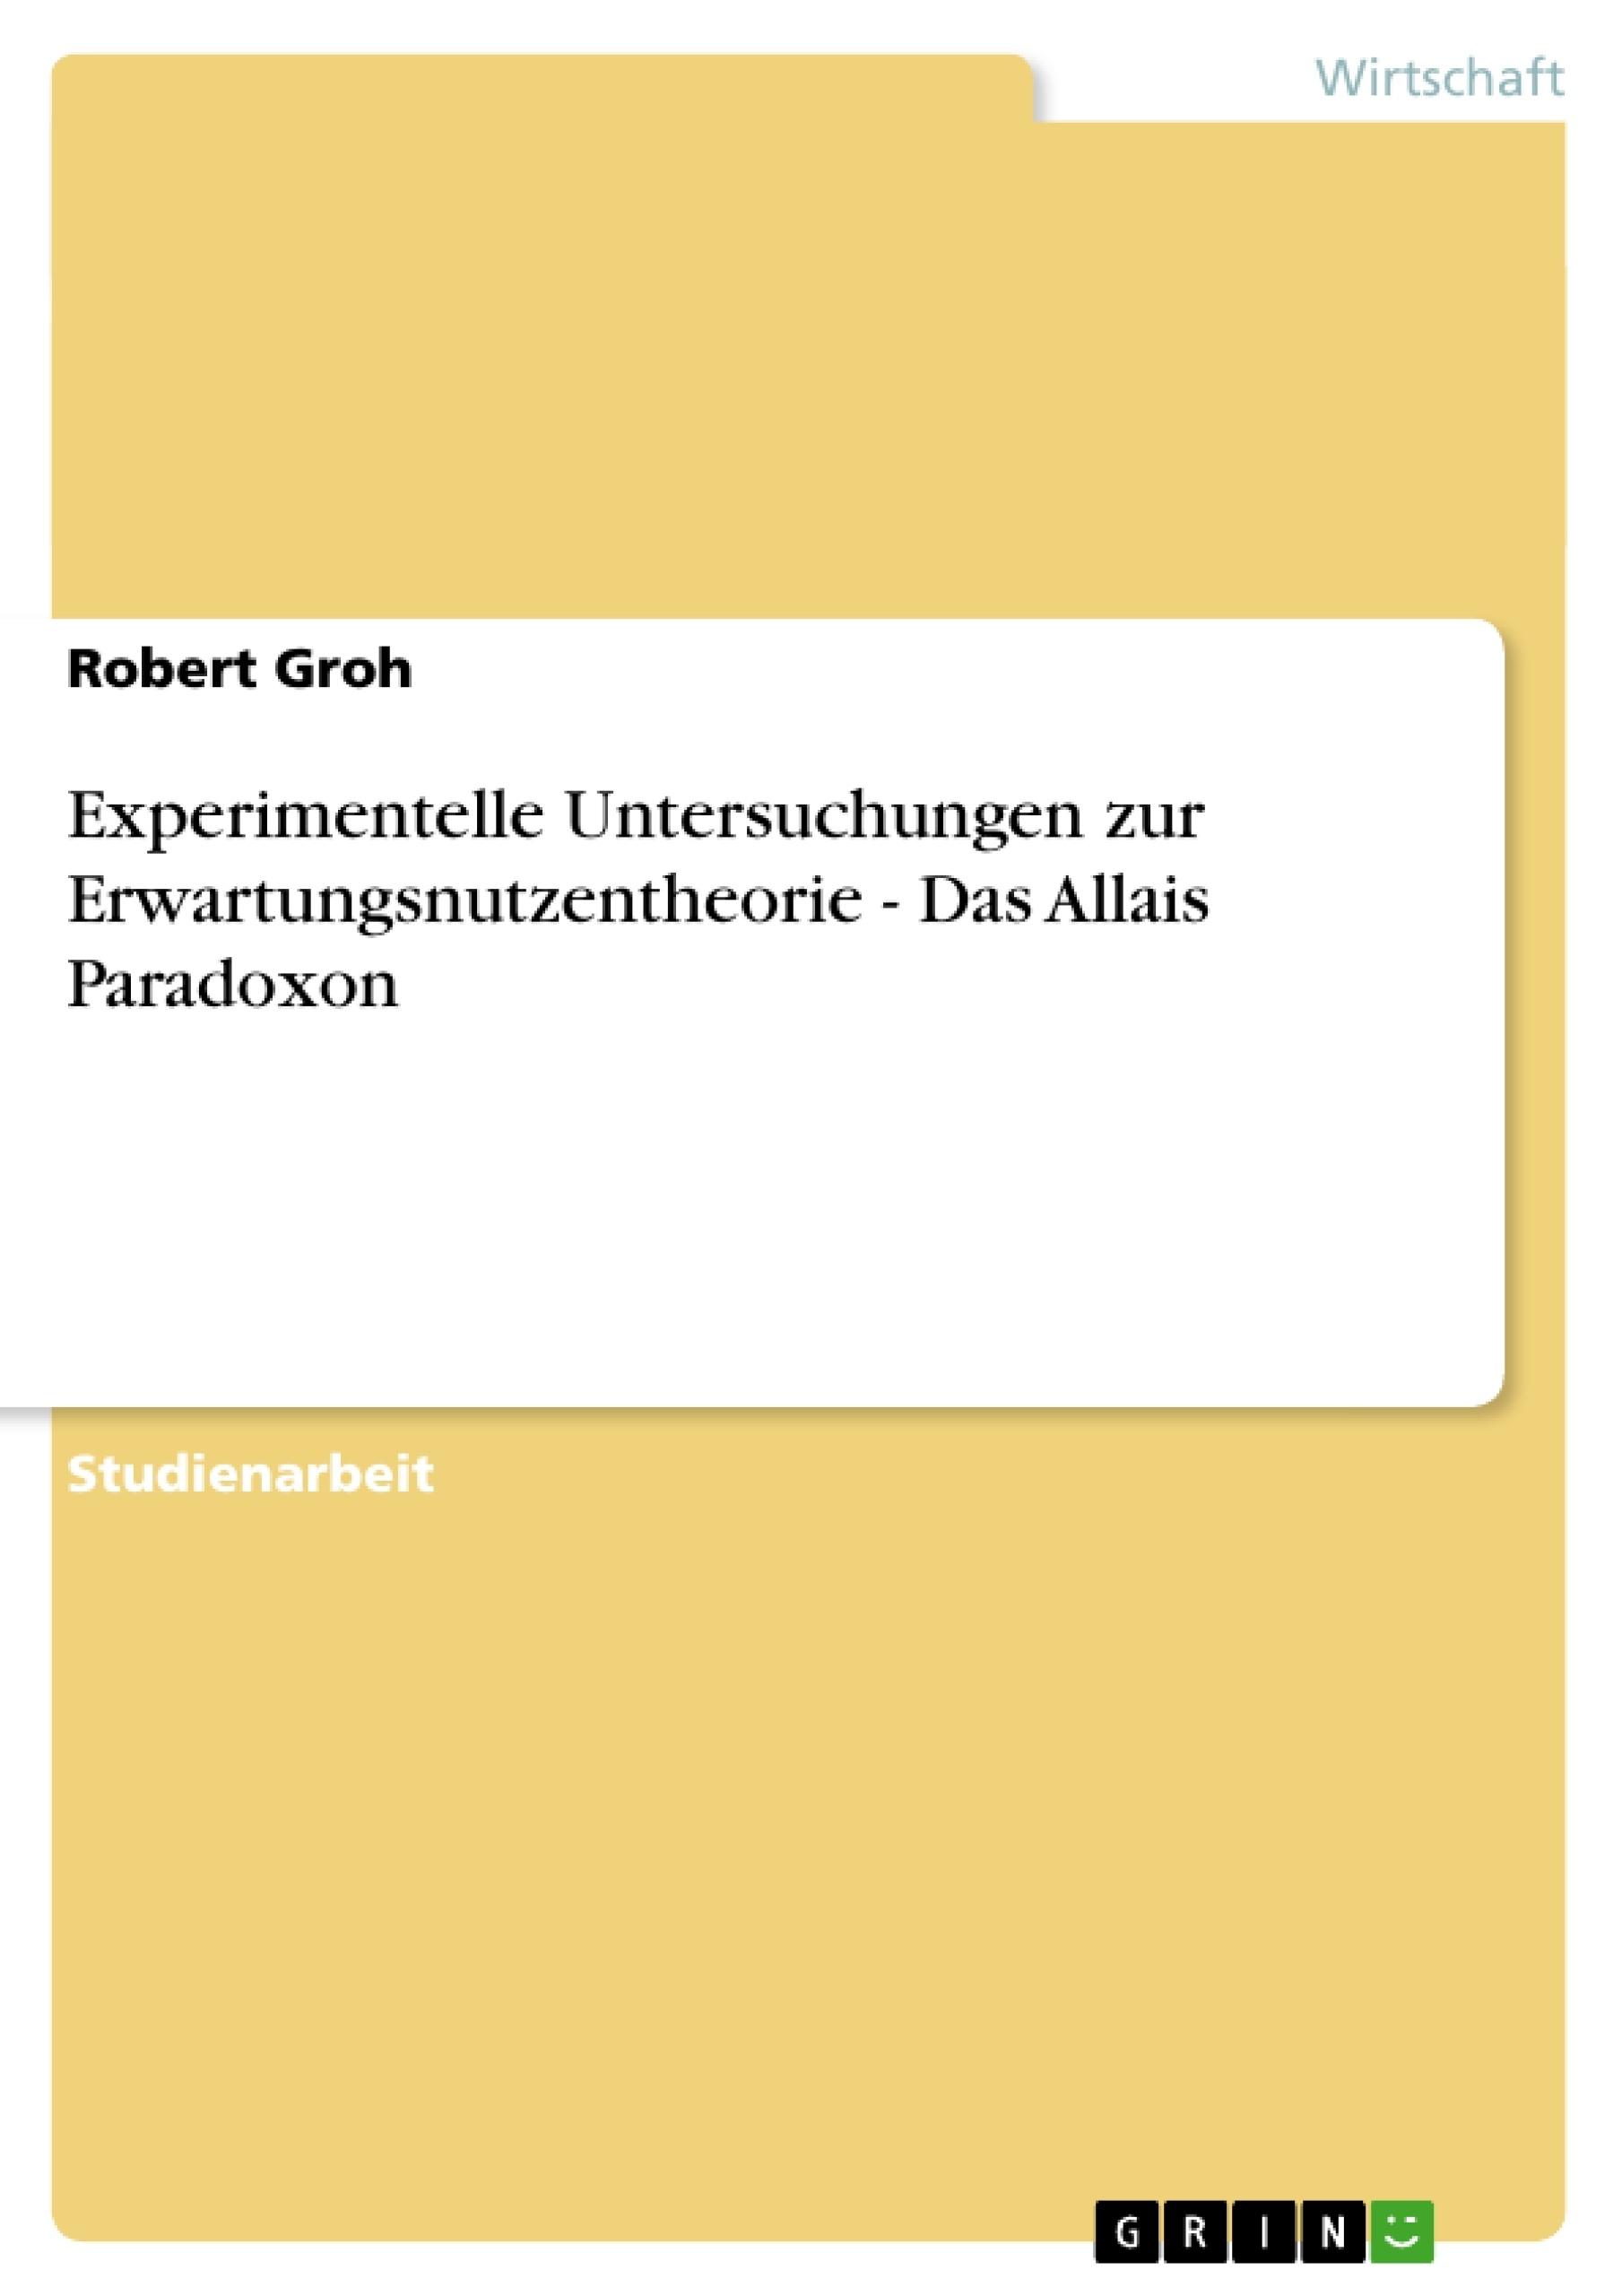 Titel: Experimentelle Untersuchungen zur Erwartungsnutzentheorie - Das Allais Paradoxon